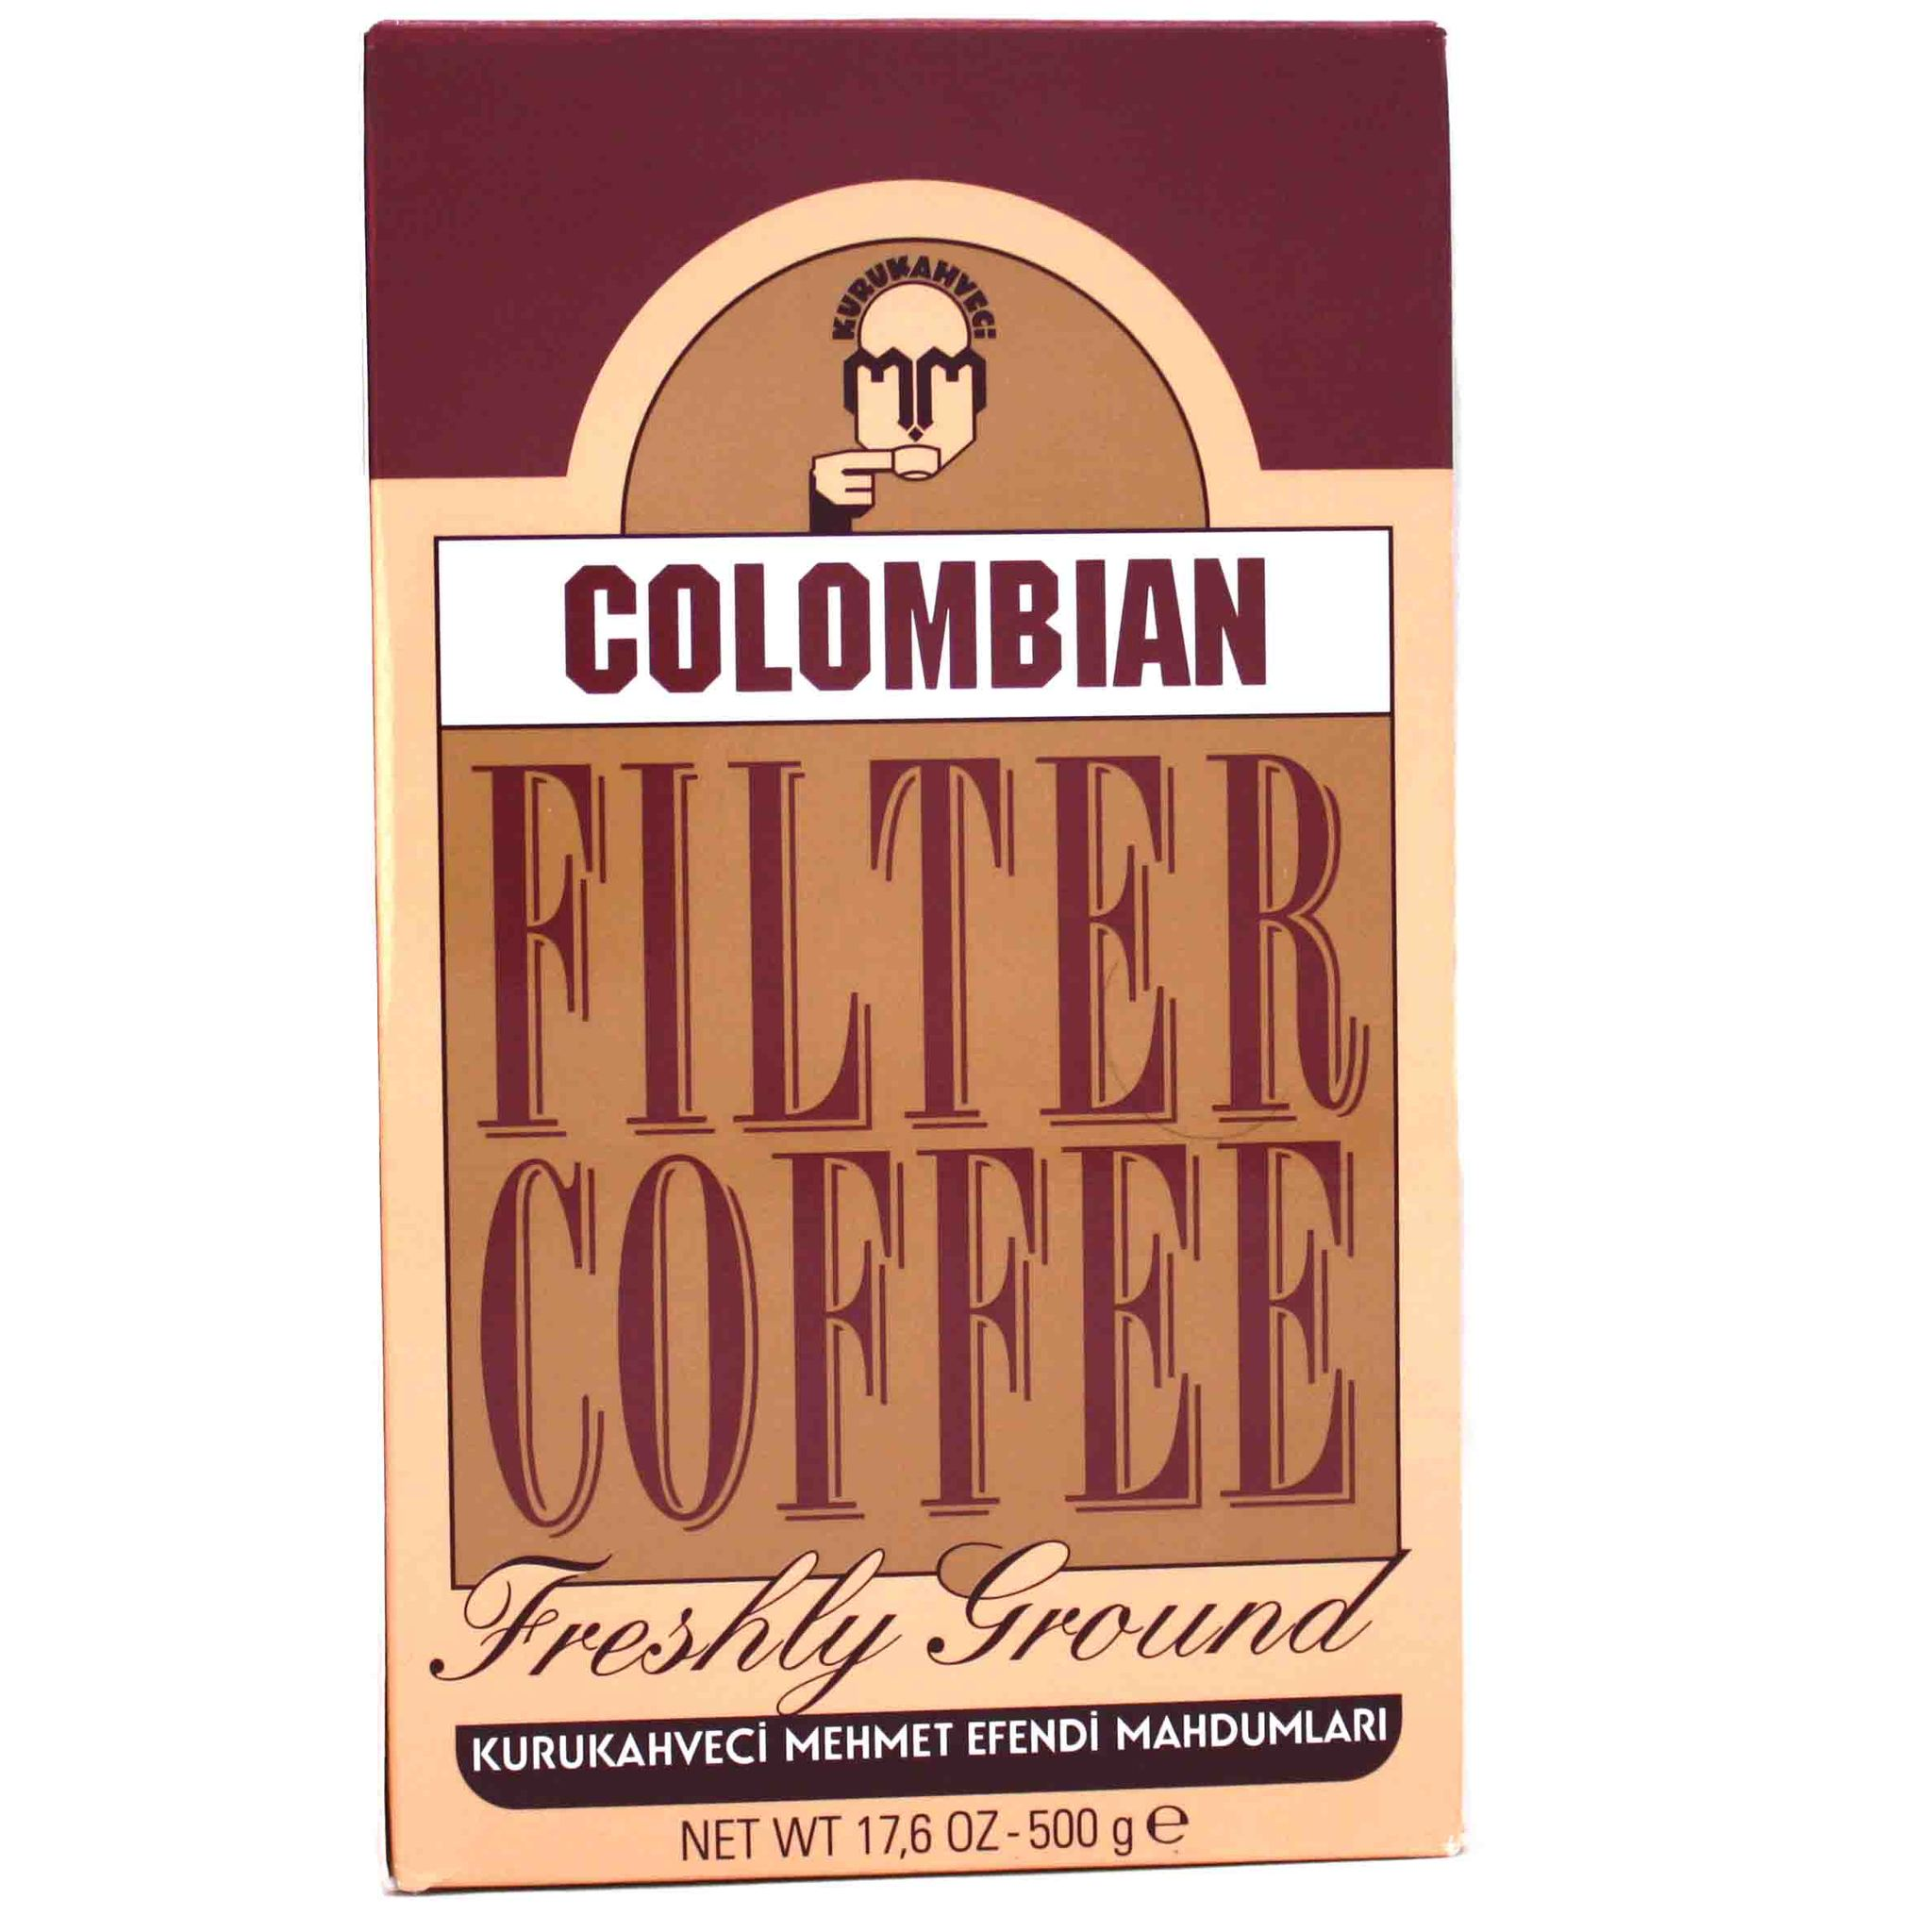 Mehmet Efendi Турецкий кофе молотый Colombian Filter Coffee, Mehmet Efendi, 500 г import_files_c3_c3401e8b58a511eaa9c7484d7ecee297_a6b921da5d3c11eaa9c7484d7ecee297.jpg